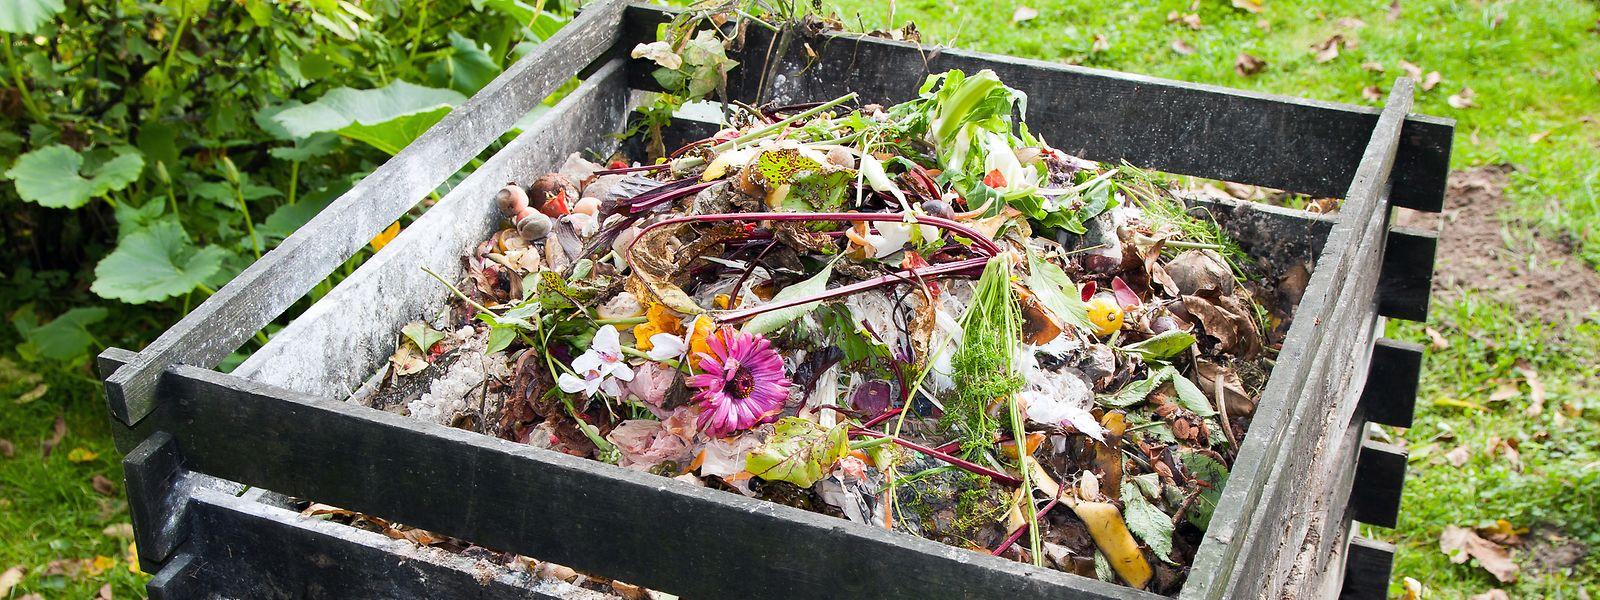 Dünger muss man nicht immer kaufen, man kann ihn auch im eigenen Garten selber machen.